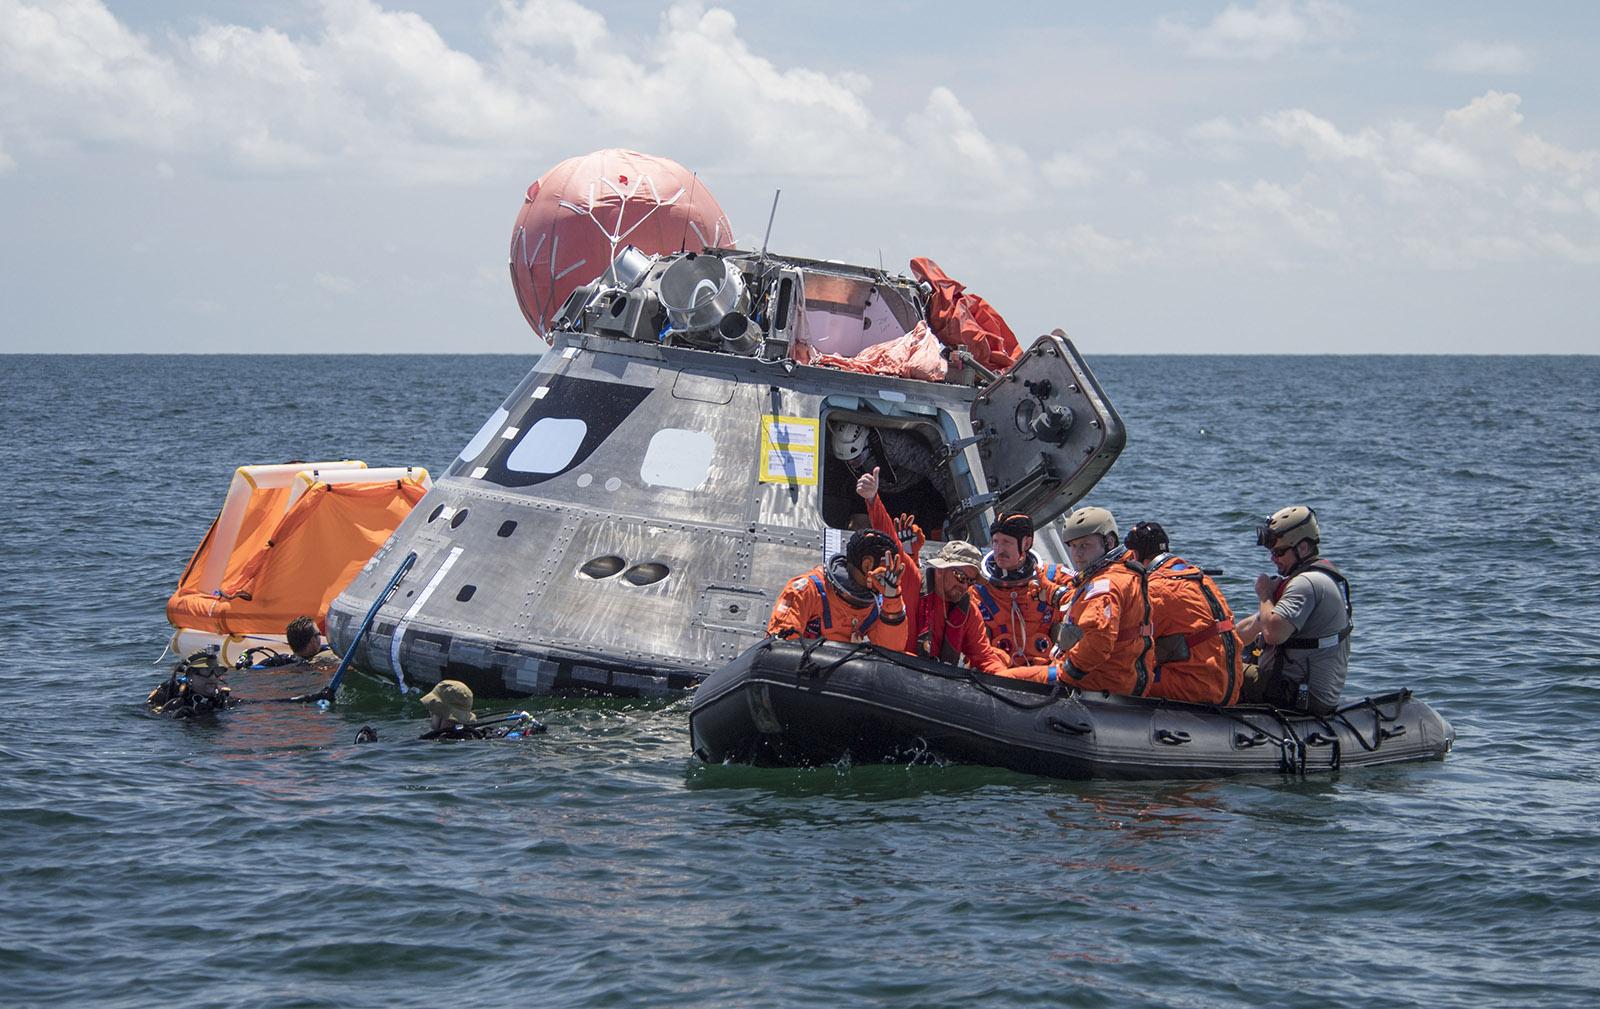 Testing Orion exit procedures near Galveston, Texas